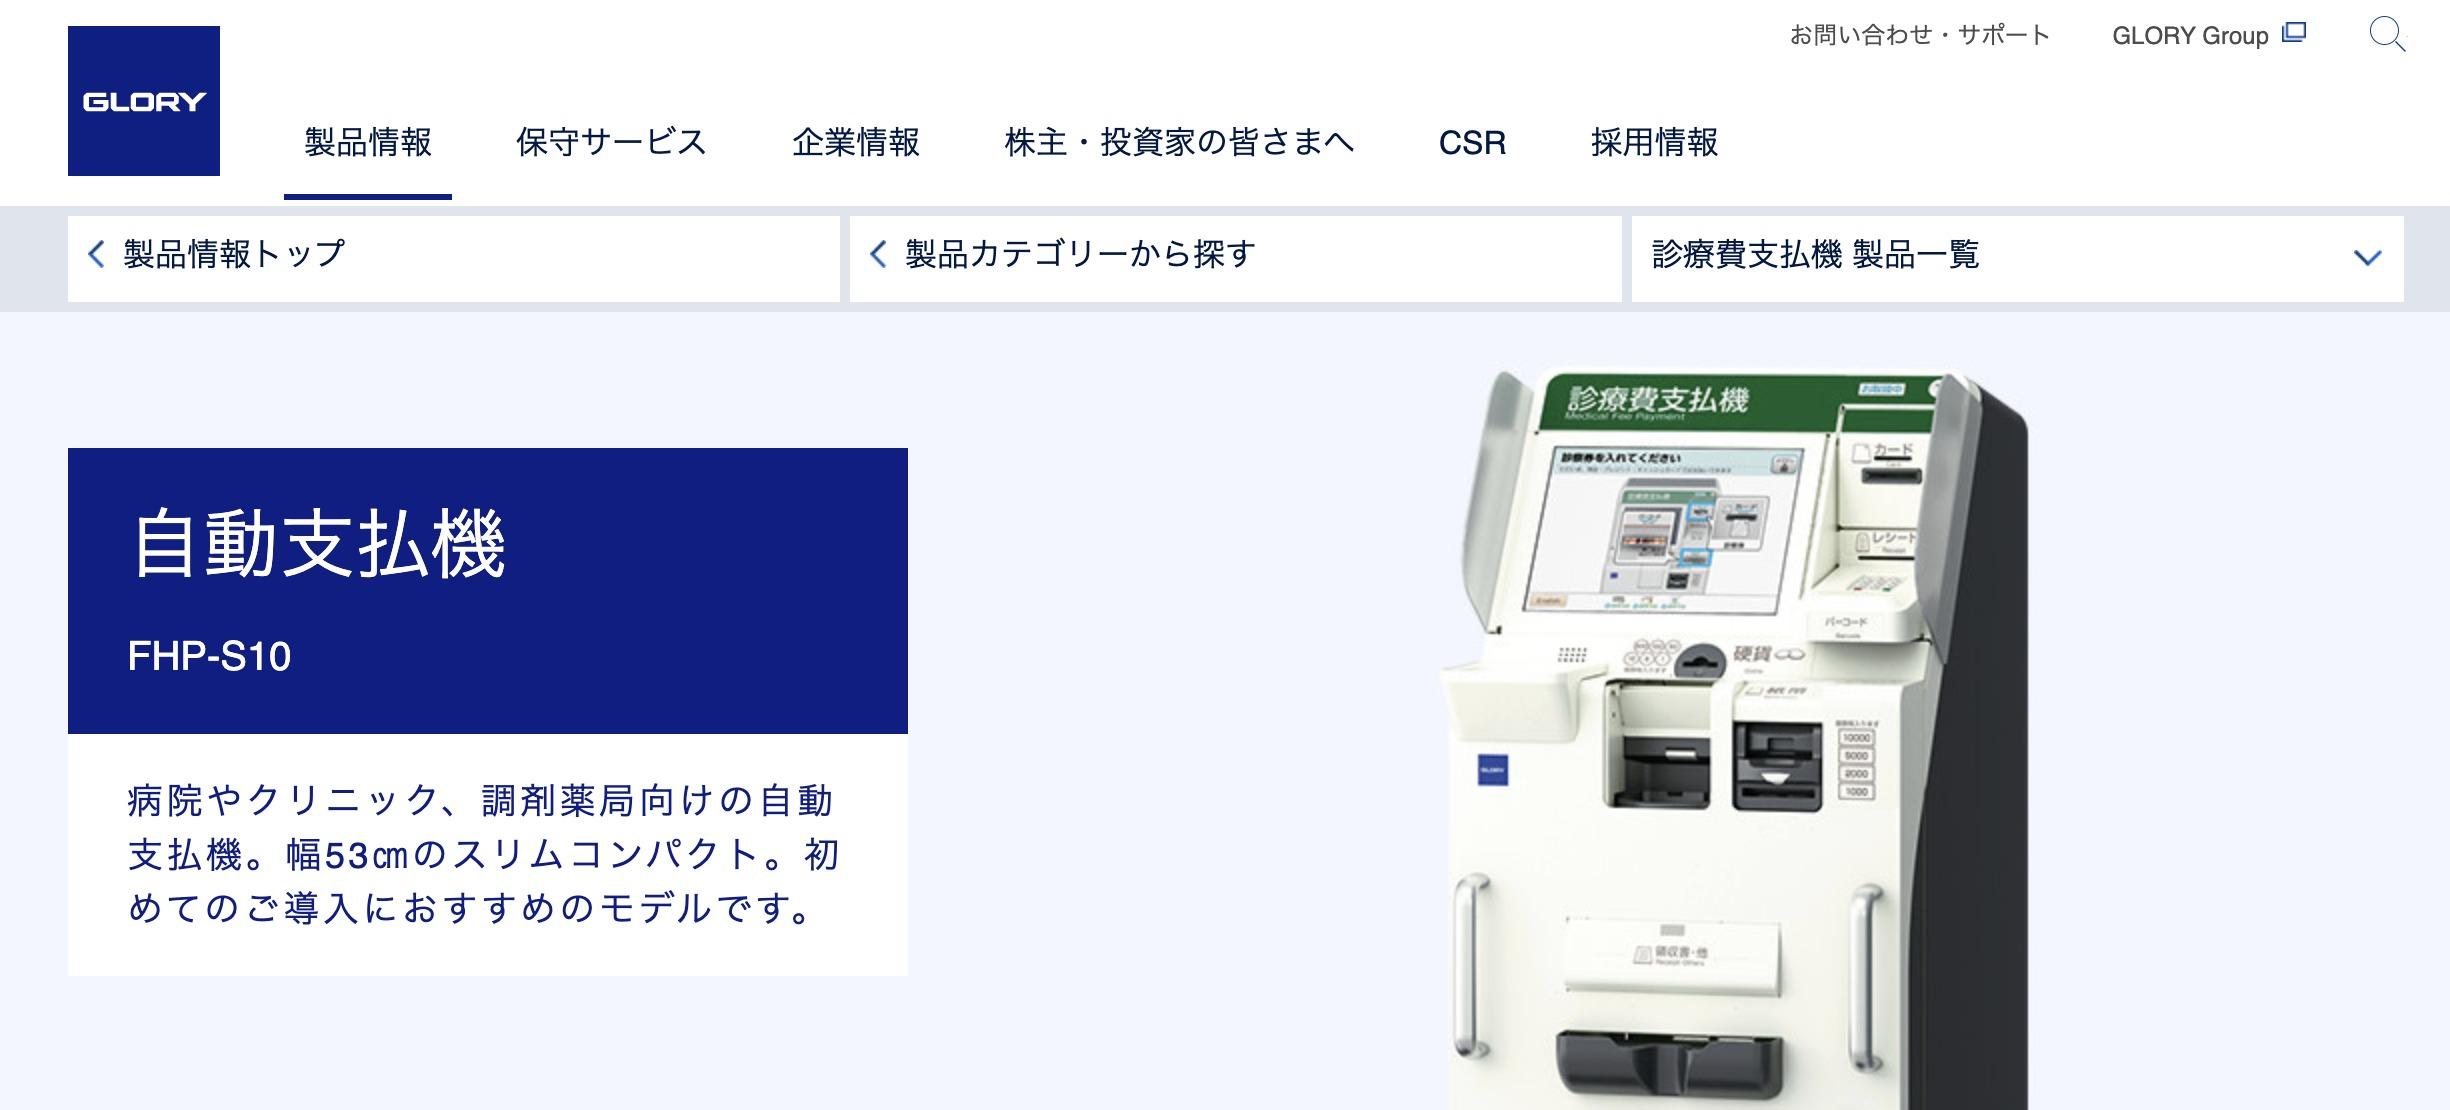 自動支払機 FHP-S10